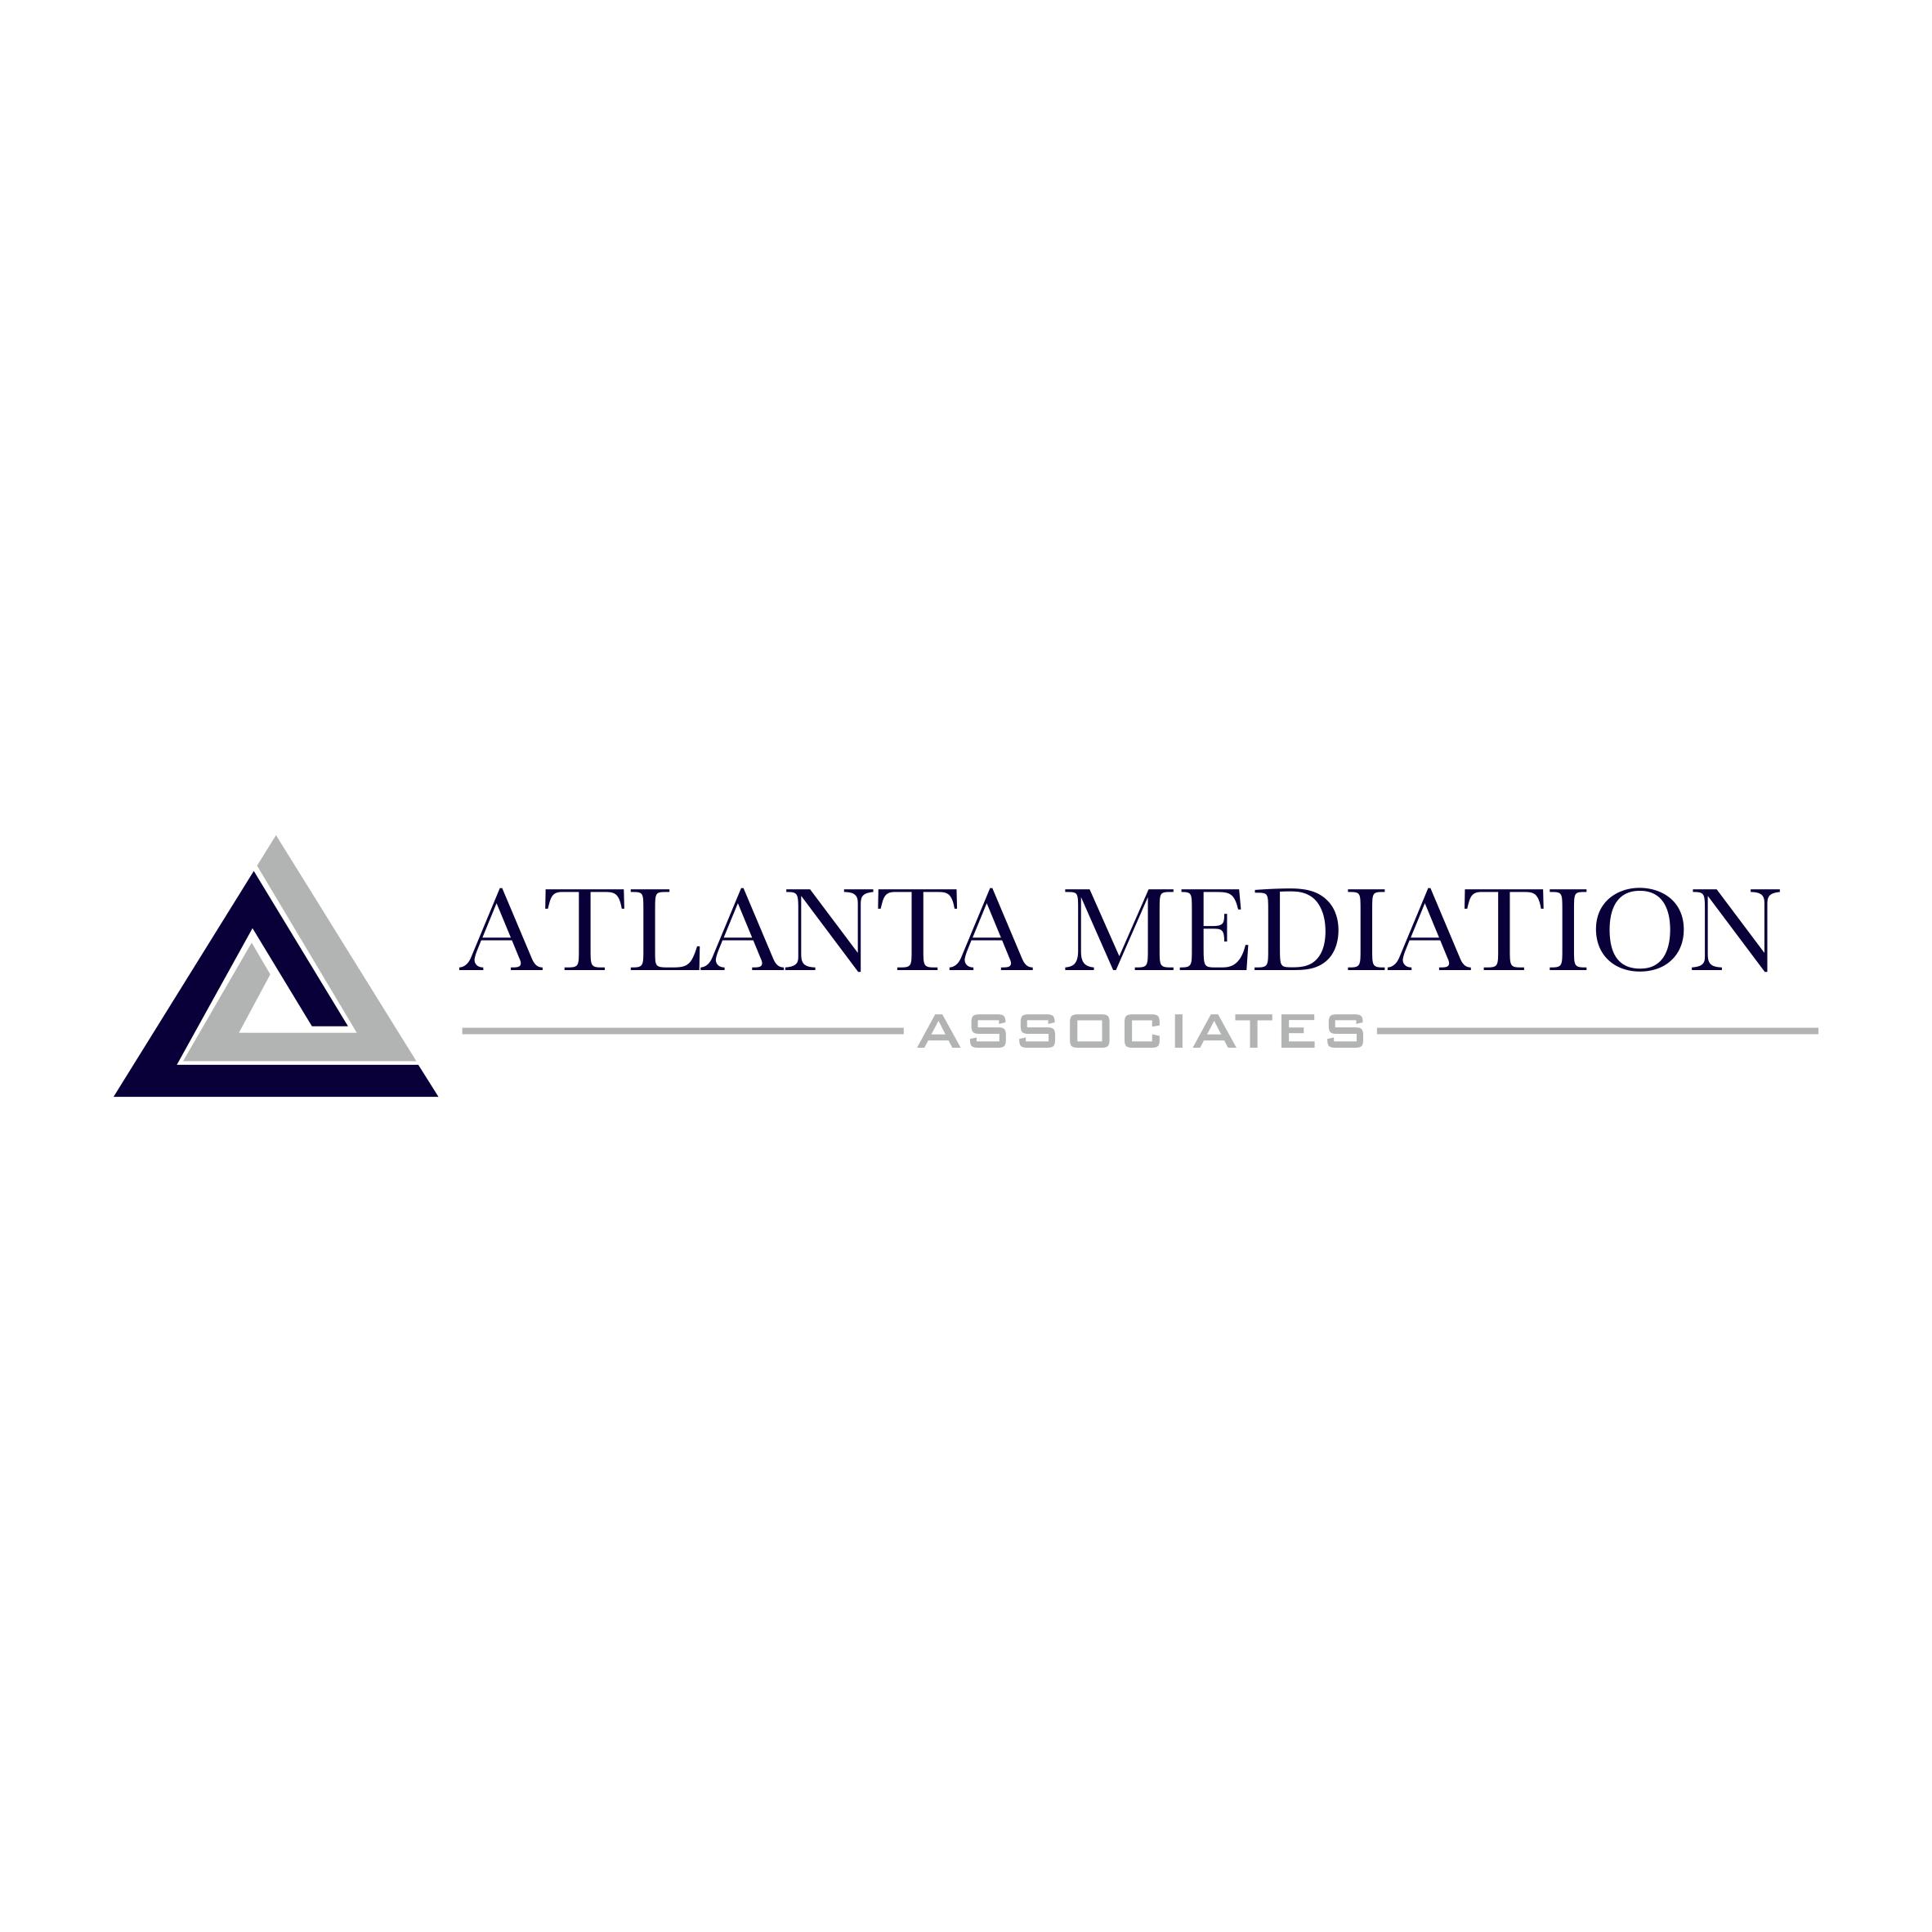 Atlanta Mediation Associates